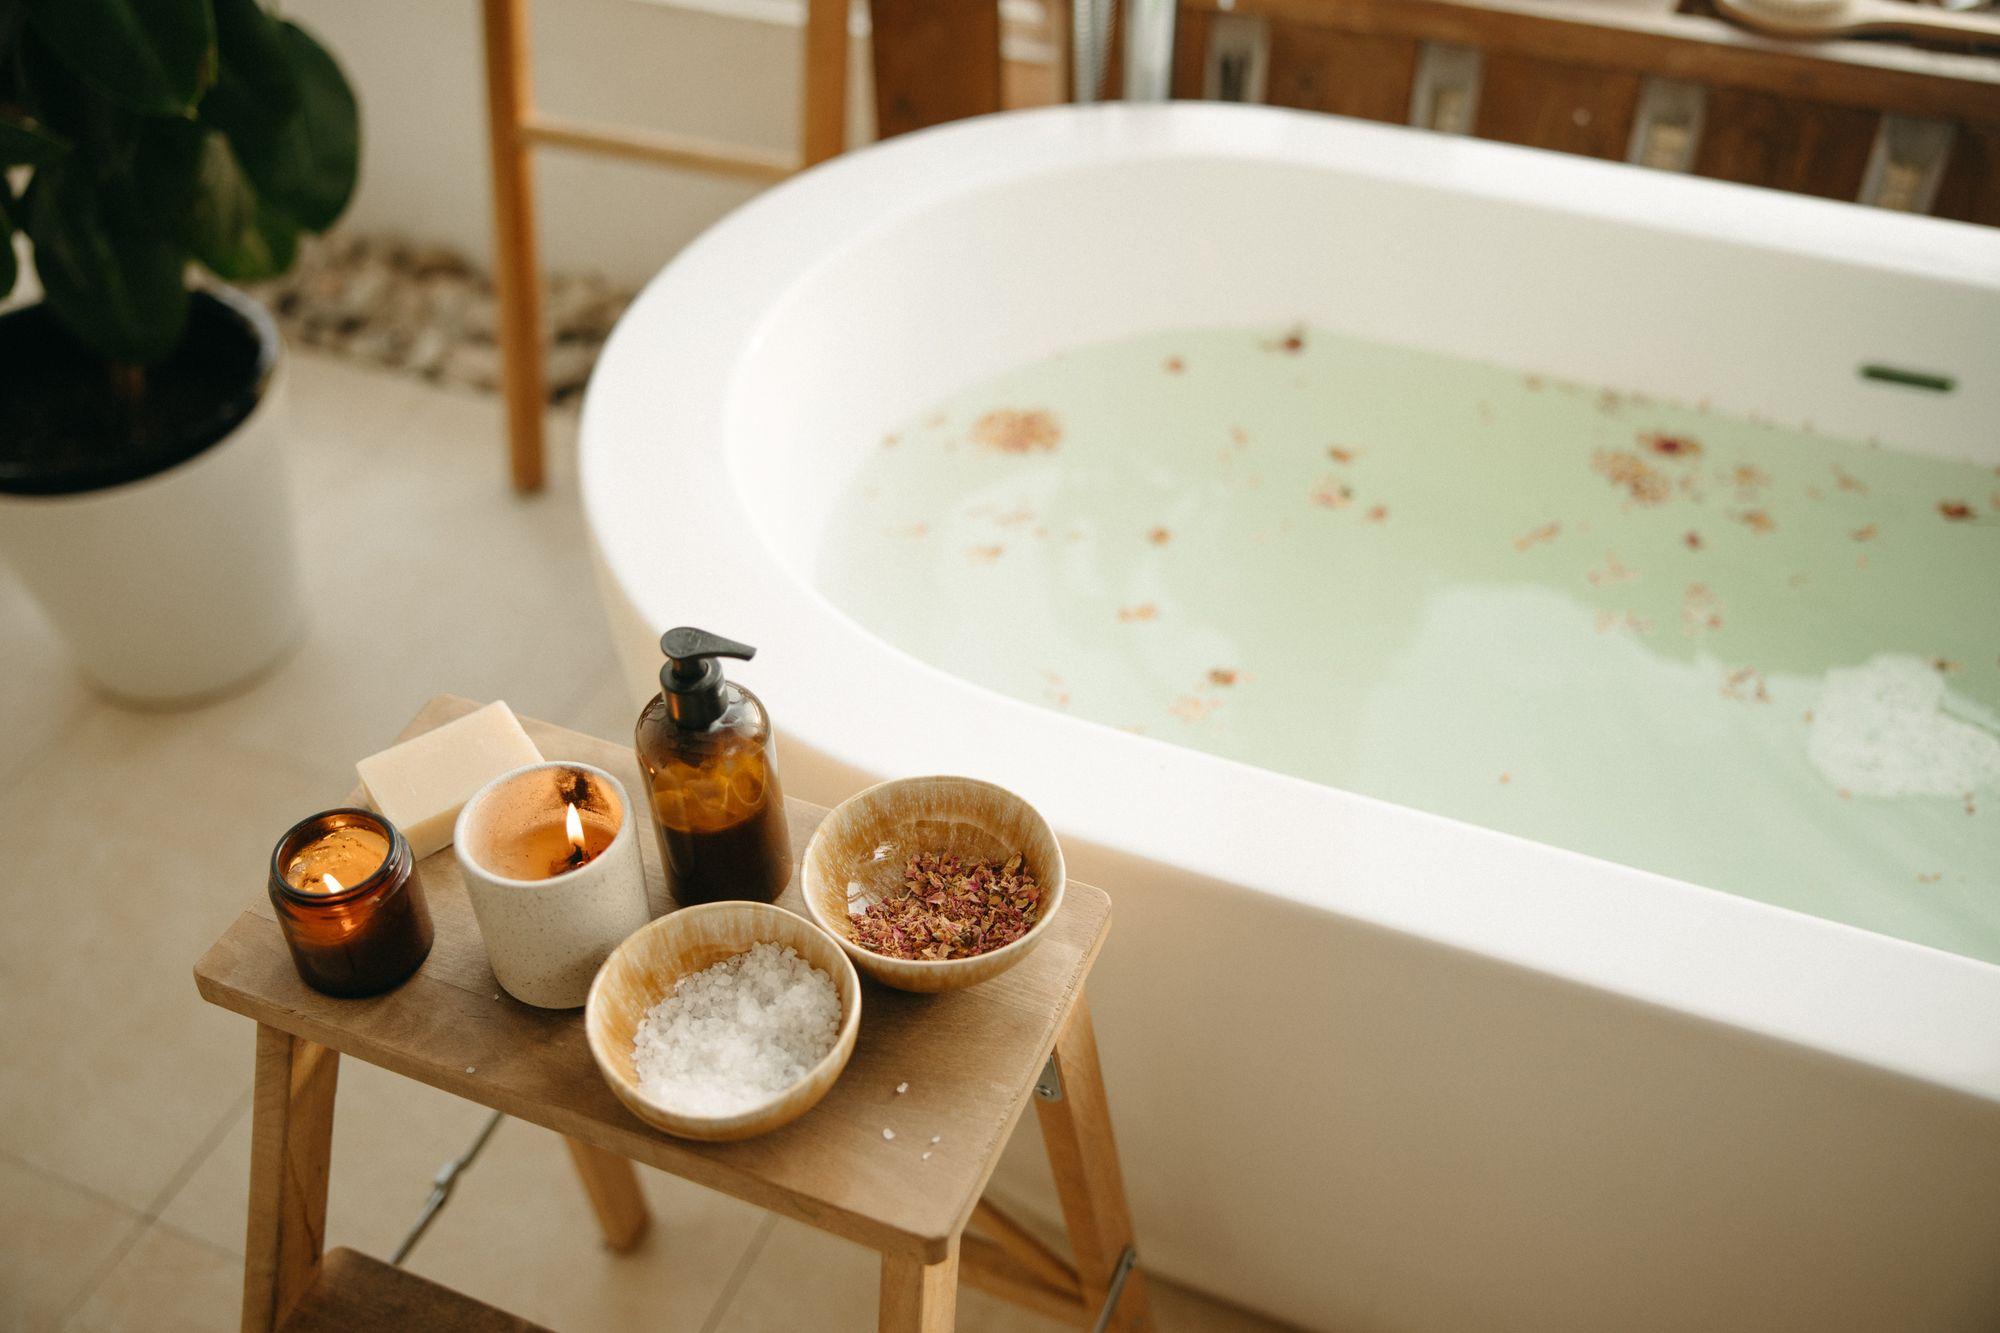 sposób na stres - ciepła kąpiel